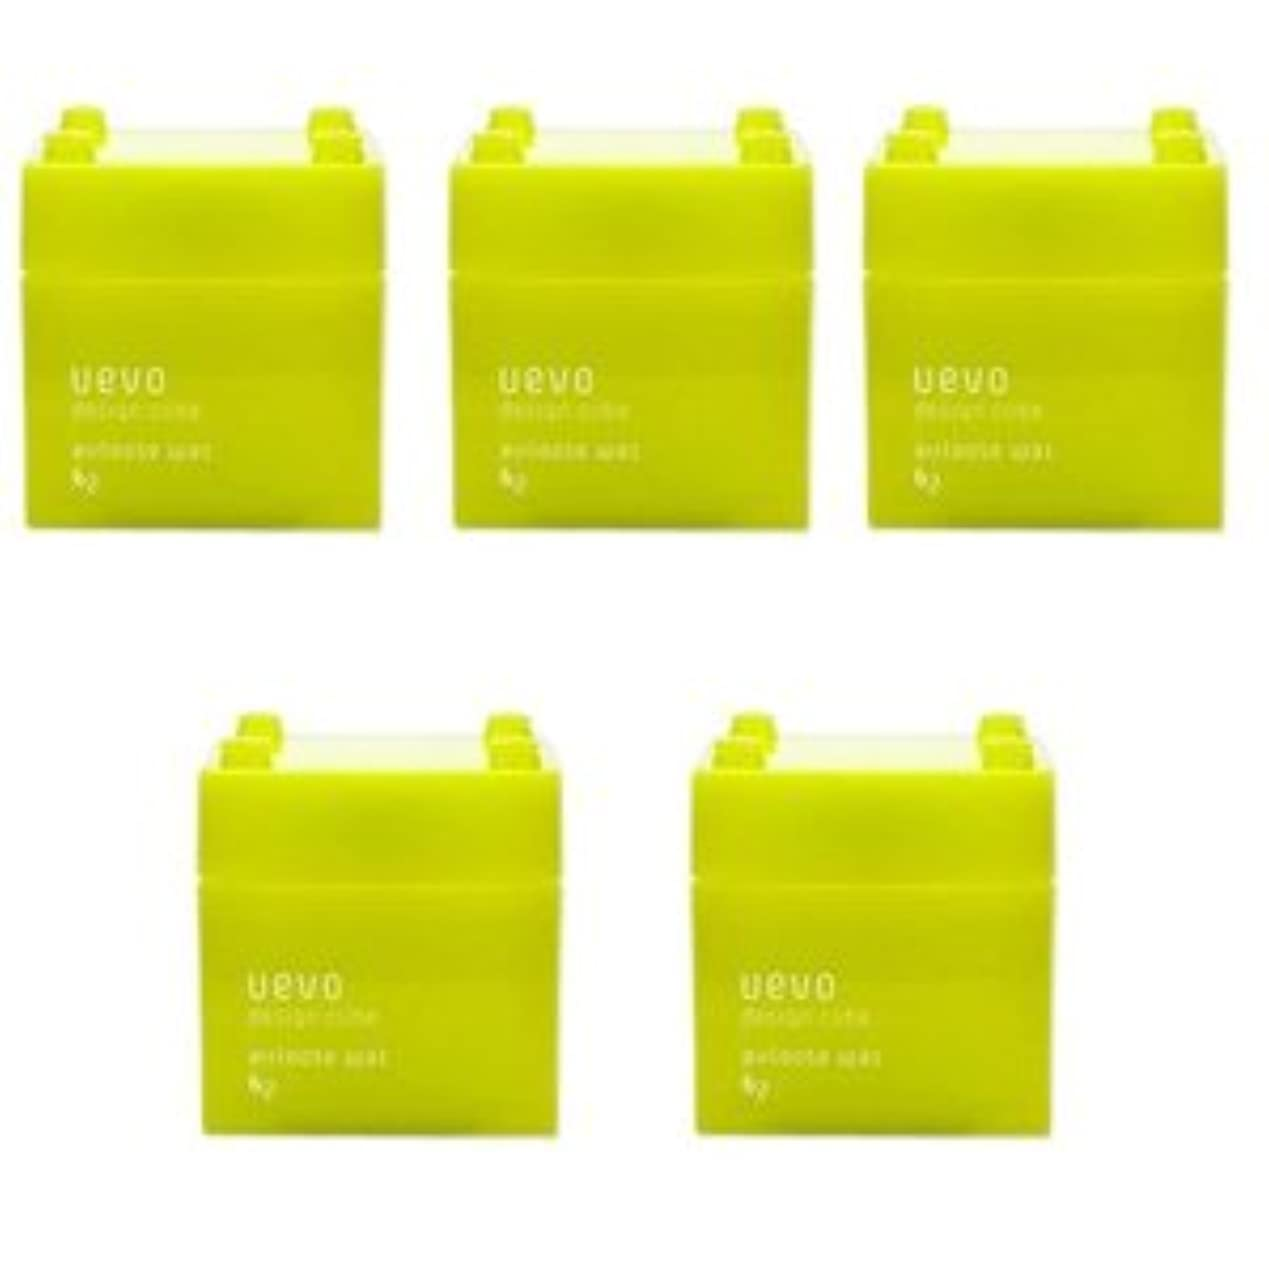 キャビン不毛球状【X5個セット】 デミ ウェーボ デザインキューブ エアルーズワックス 80g airloose wax DEMI uevo design cube